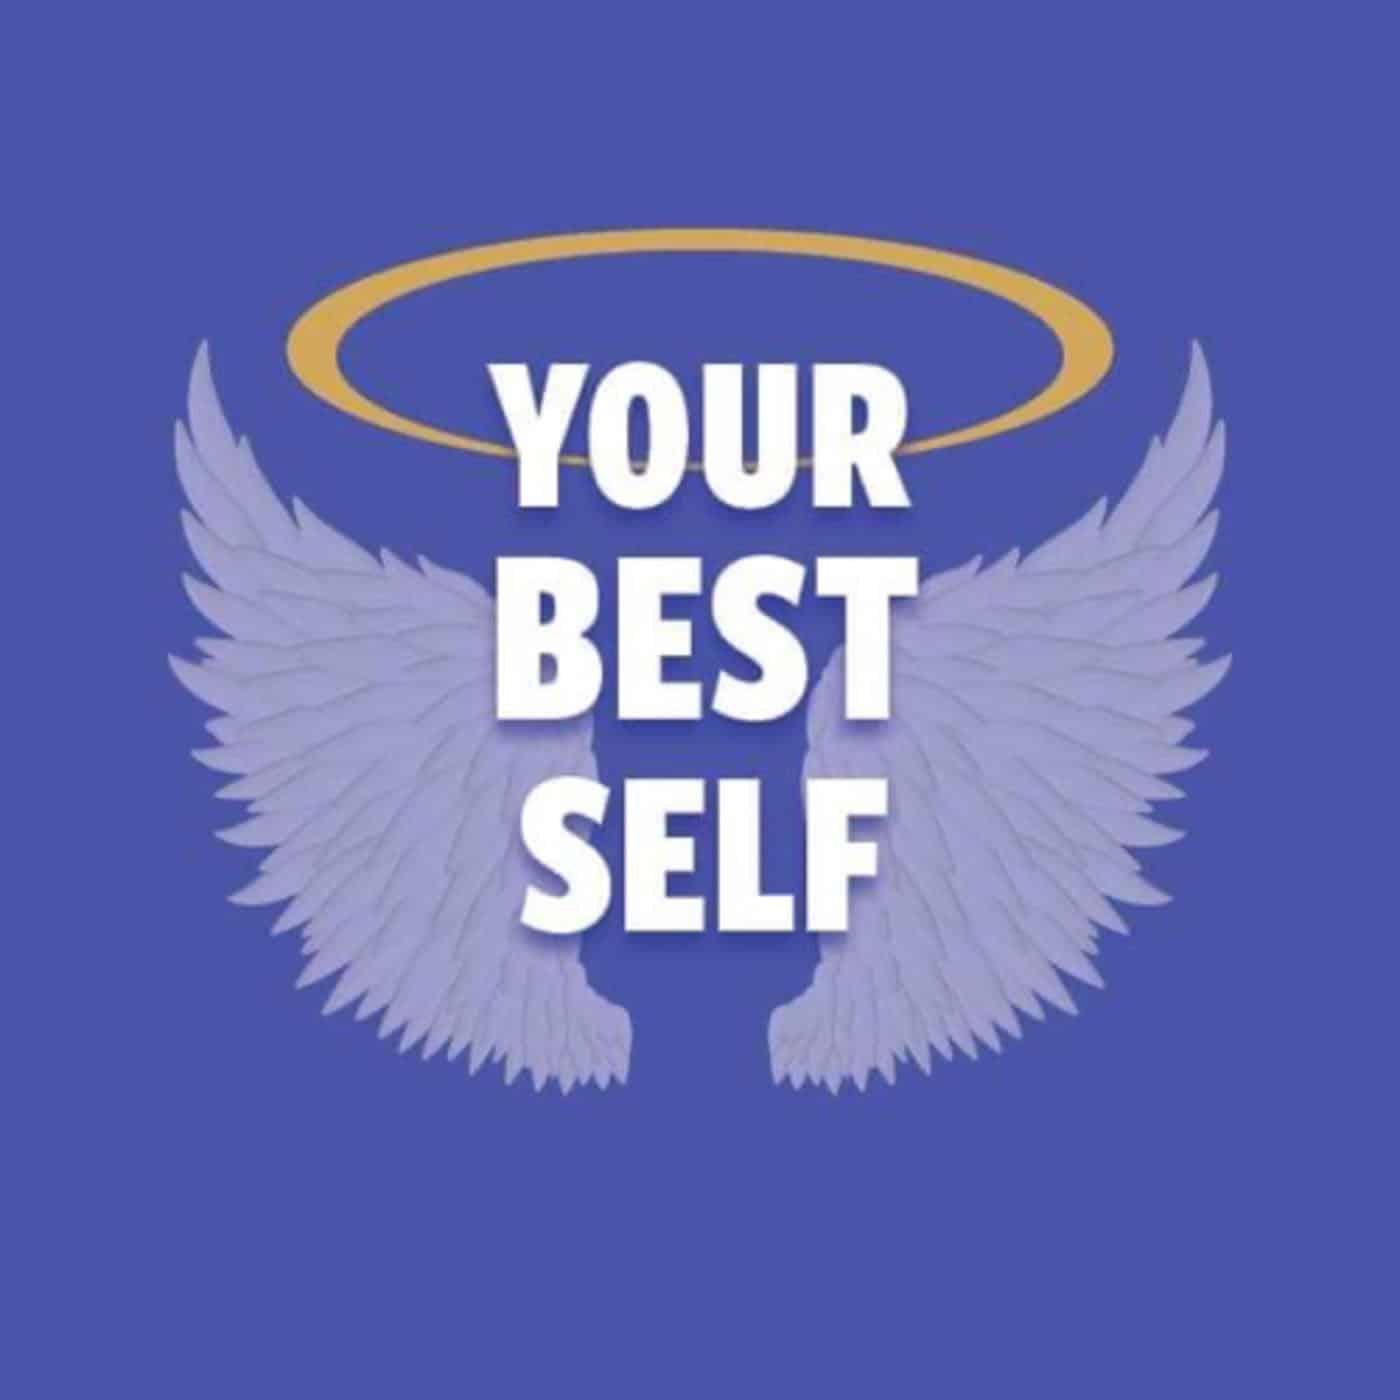 YourBestSelf